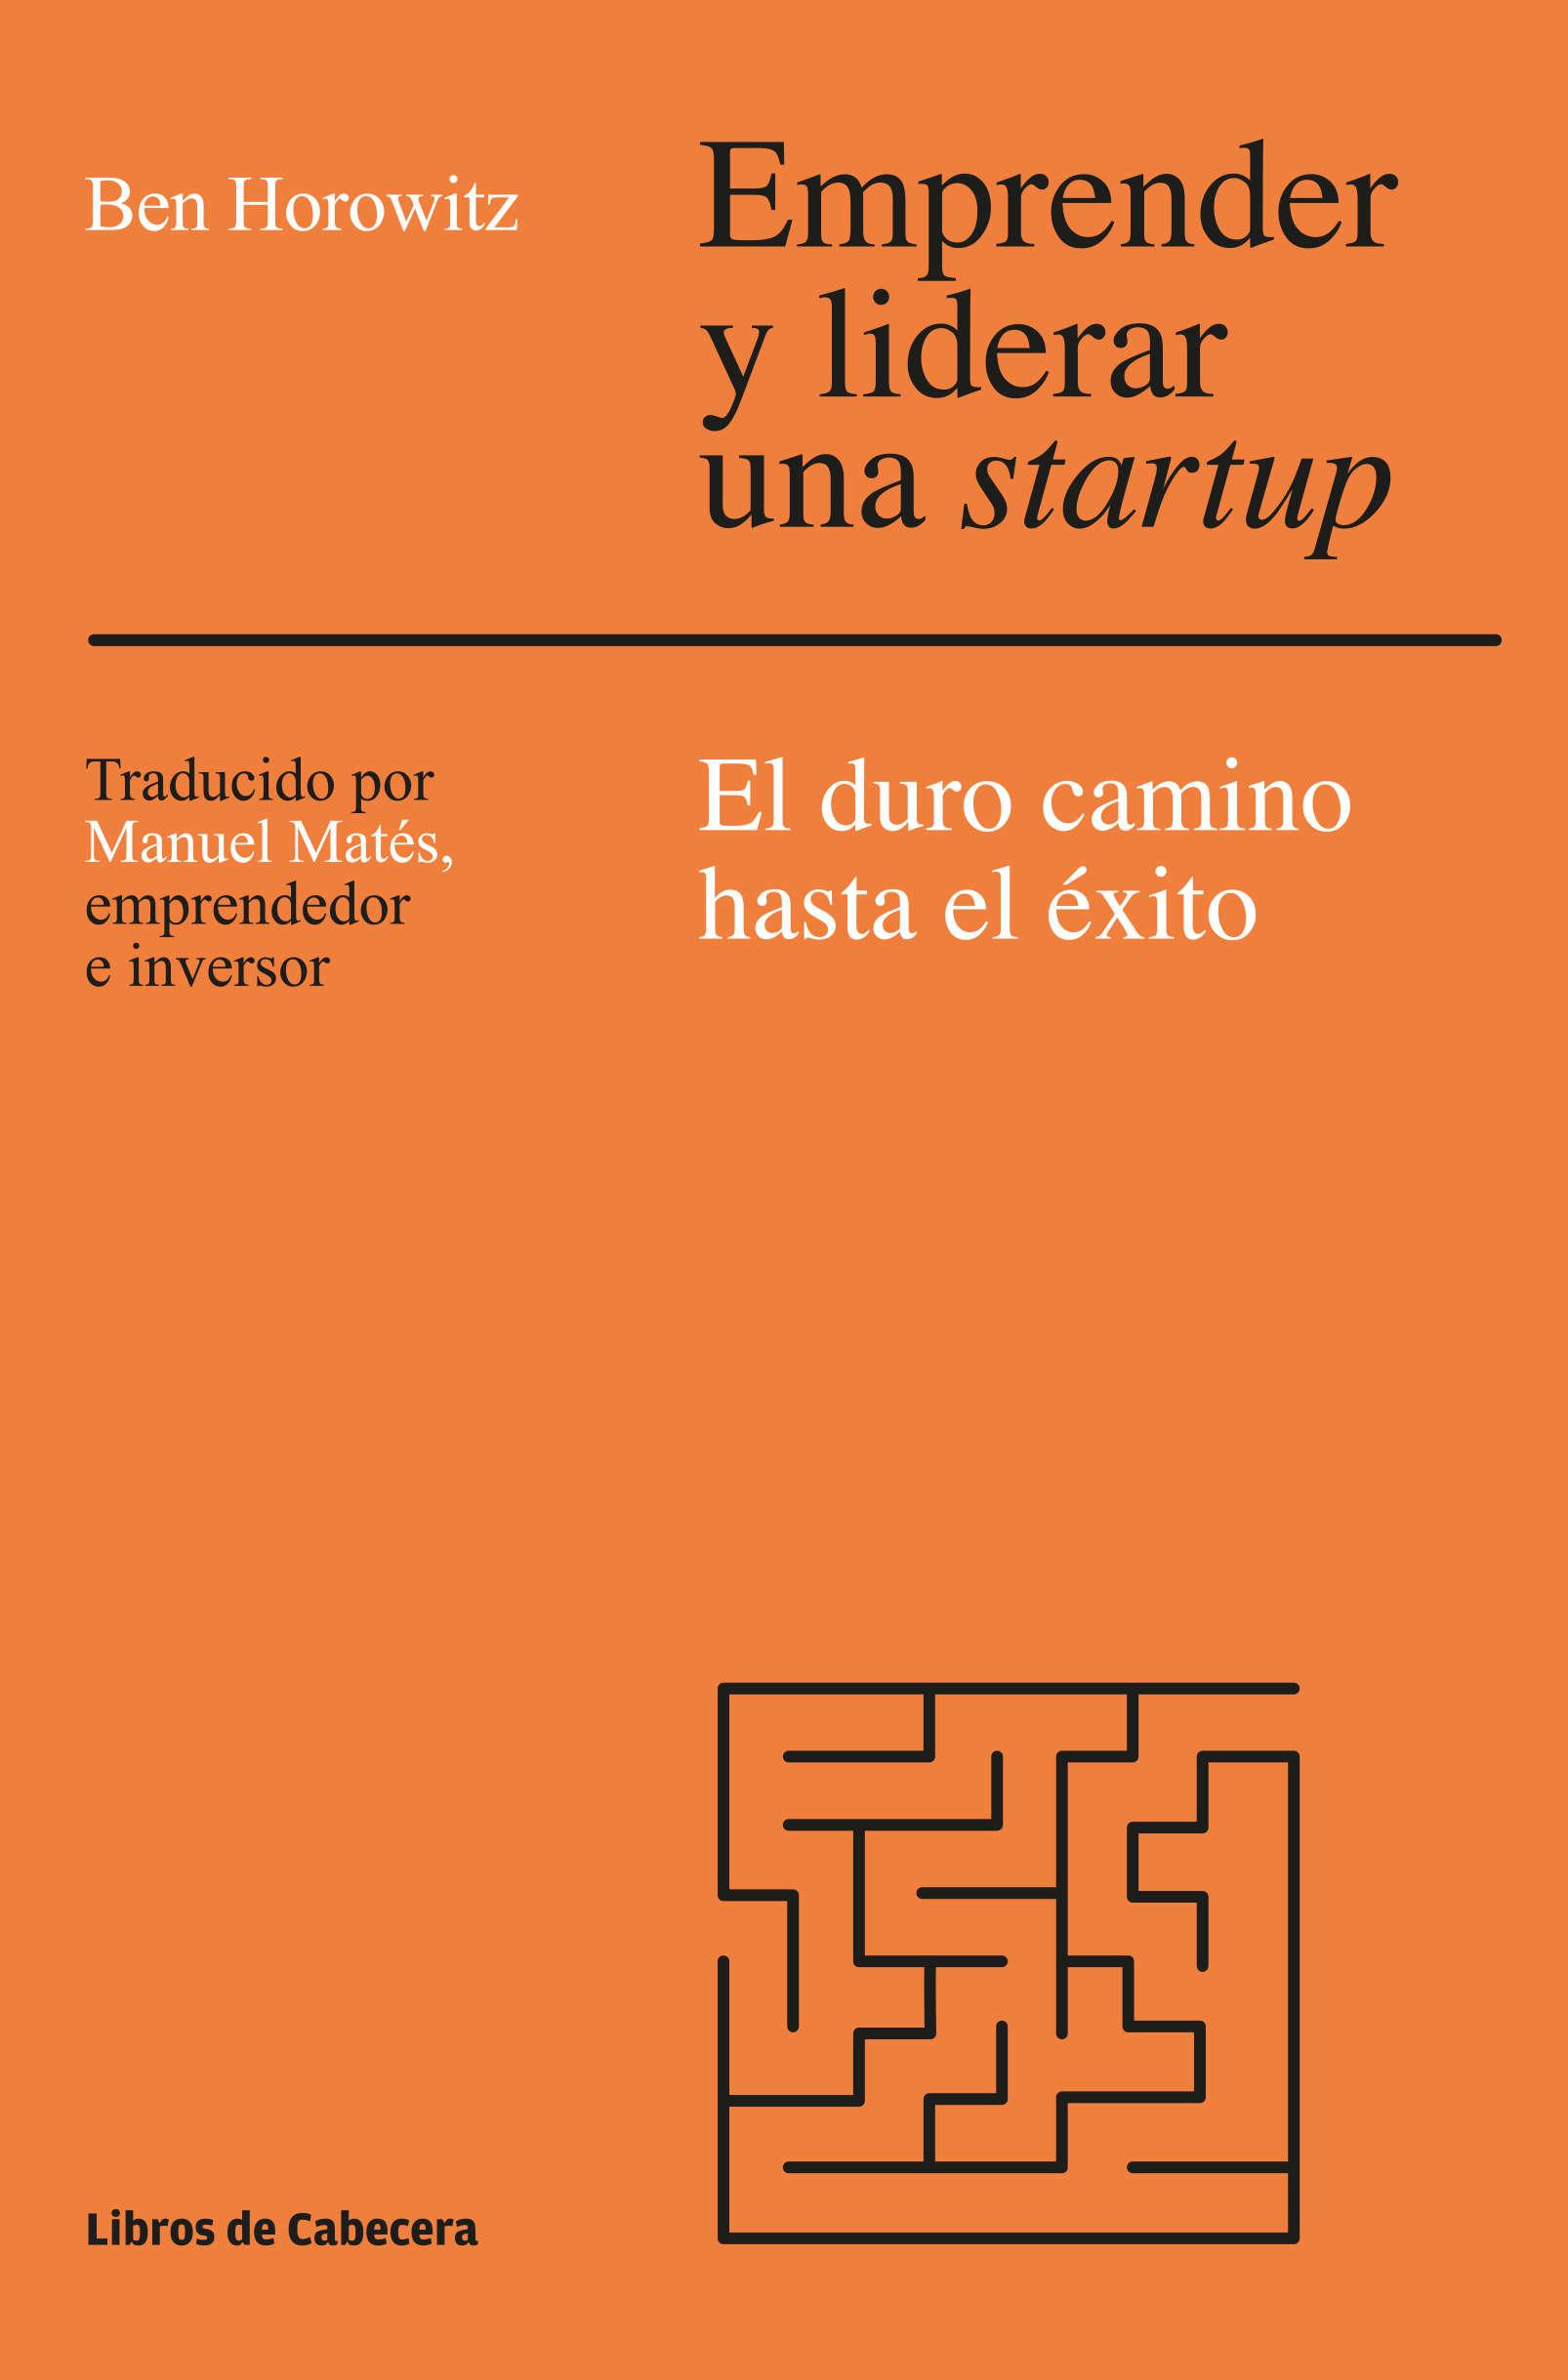 emprender-y-liderar-una-startup_HOROWITZ